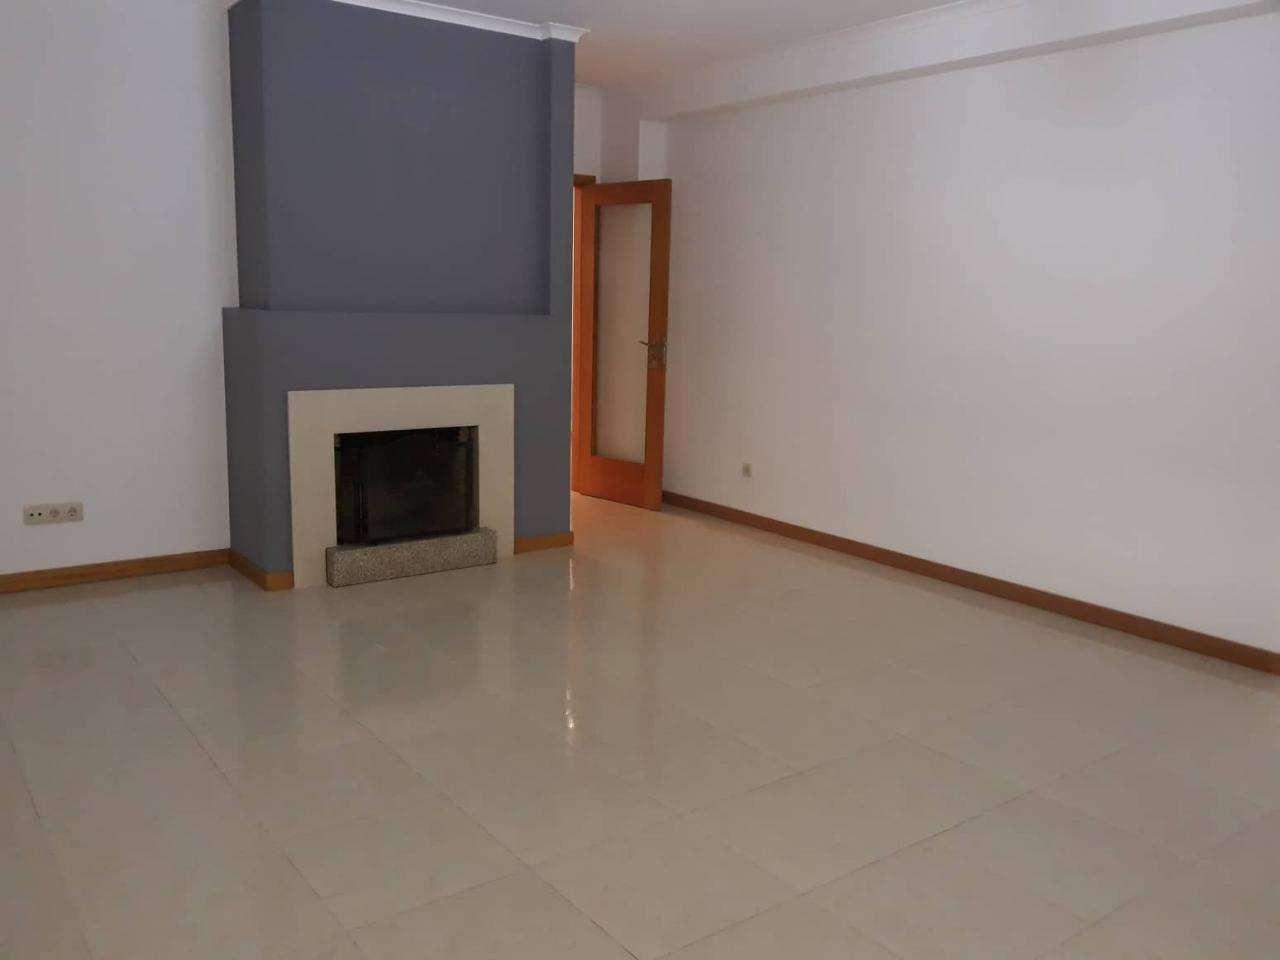 Apartamento para comprar, Gondifelos, Cavalões e Outiz, Braga - Foto 4